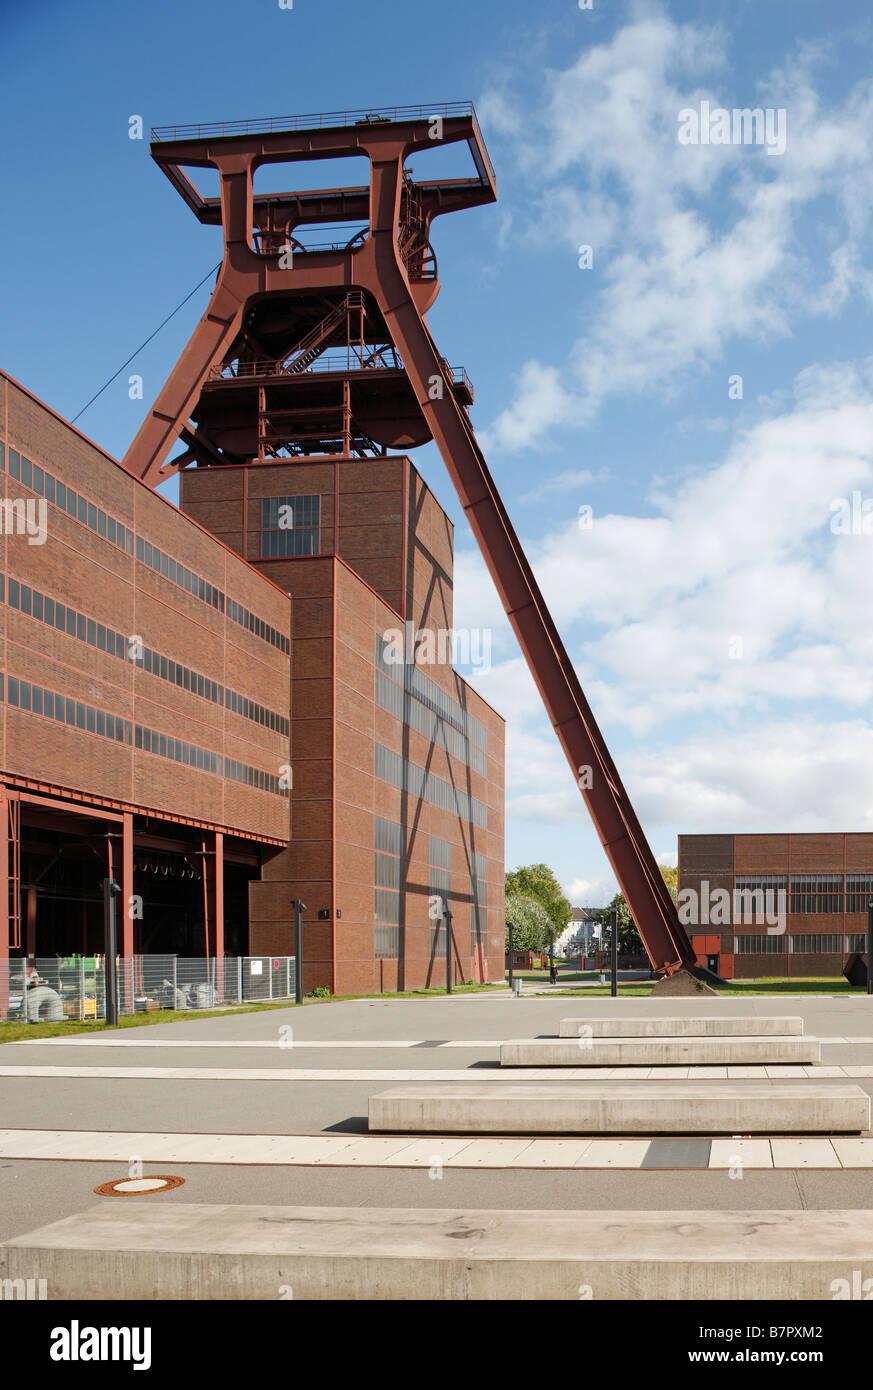 Essen, Zeche Zollverein, Schacht XII, Förderturm und Schachthalle - Stock Image